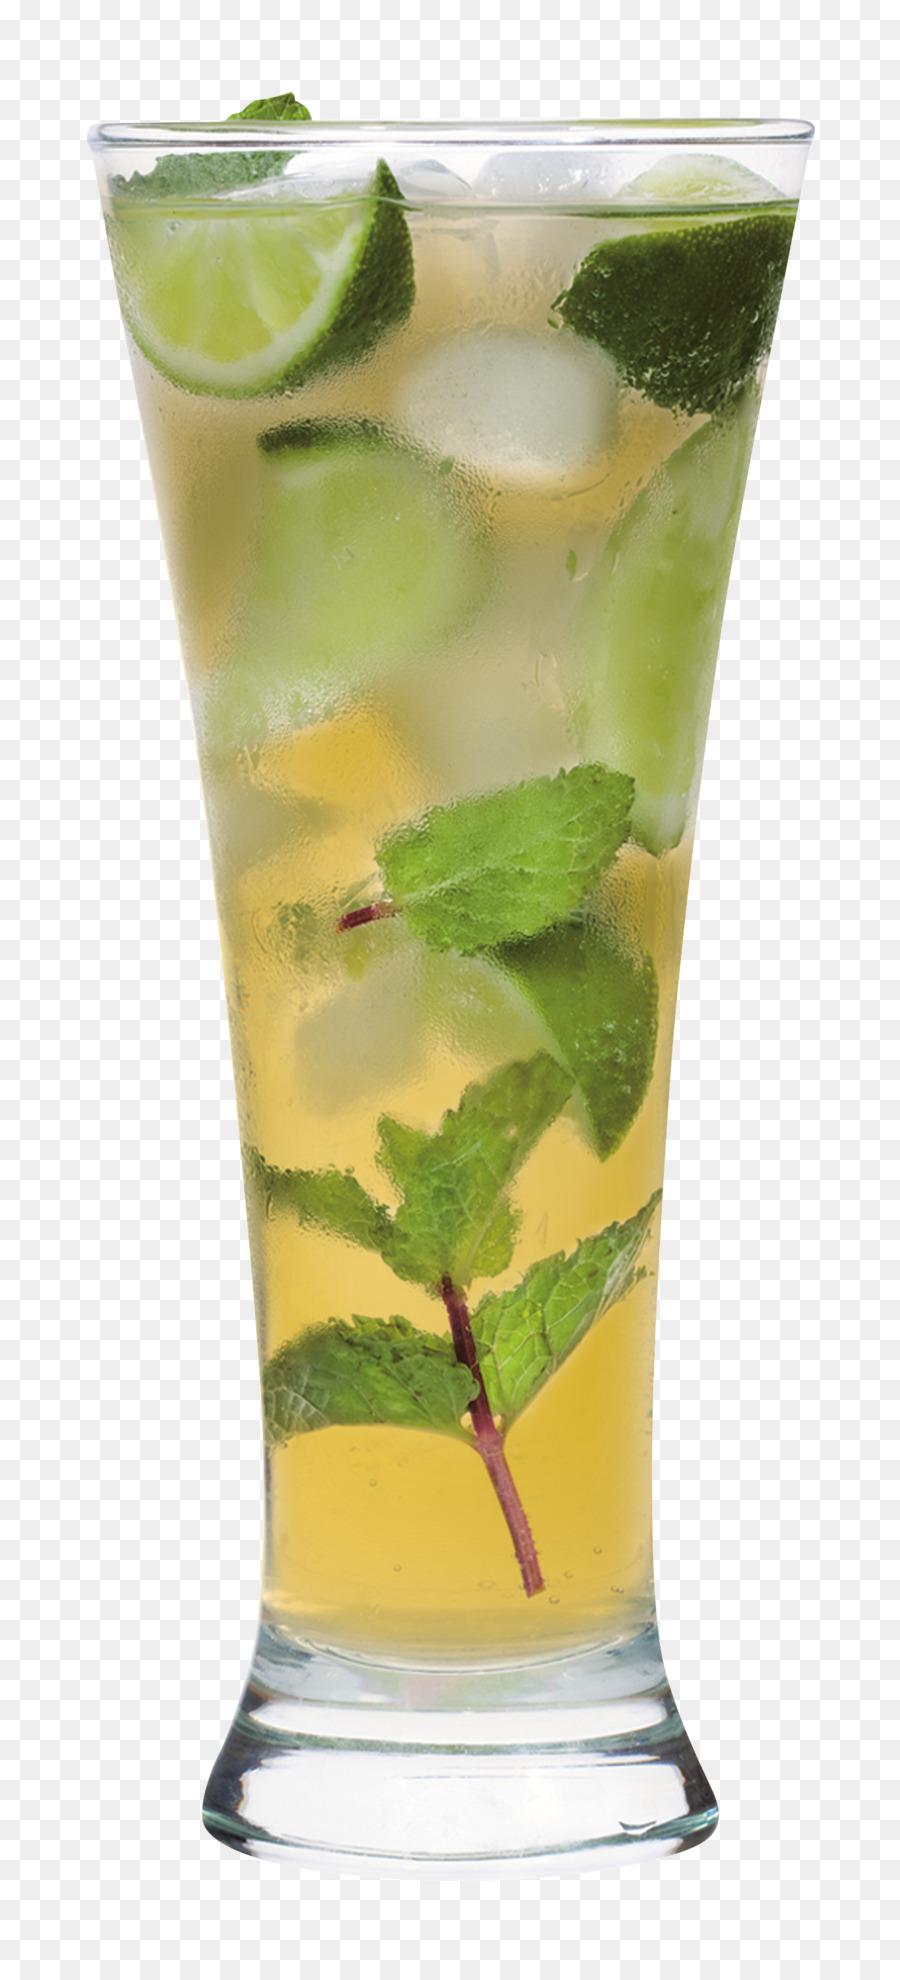 Descarga gratuita de Whisky, Cóctel, Mojito imágenes PNG